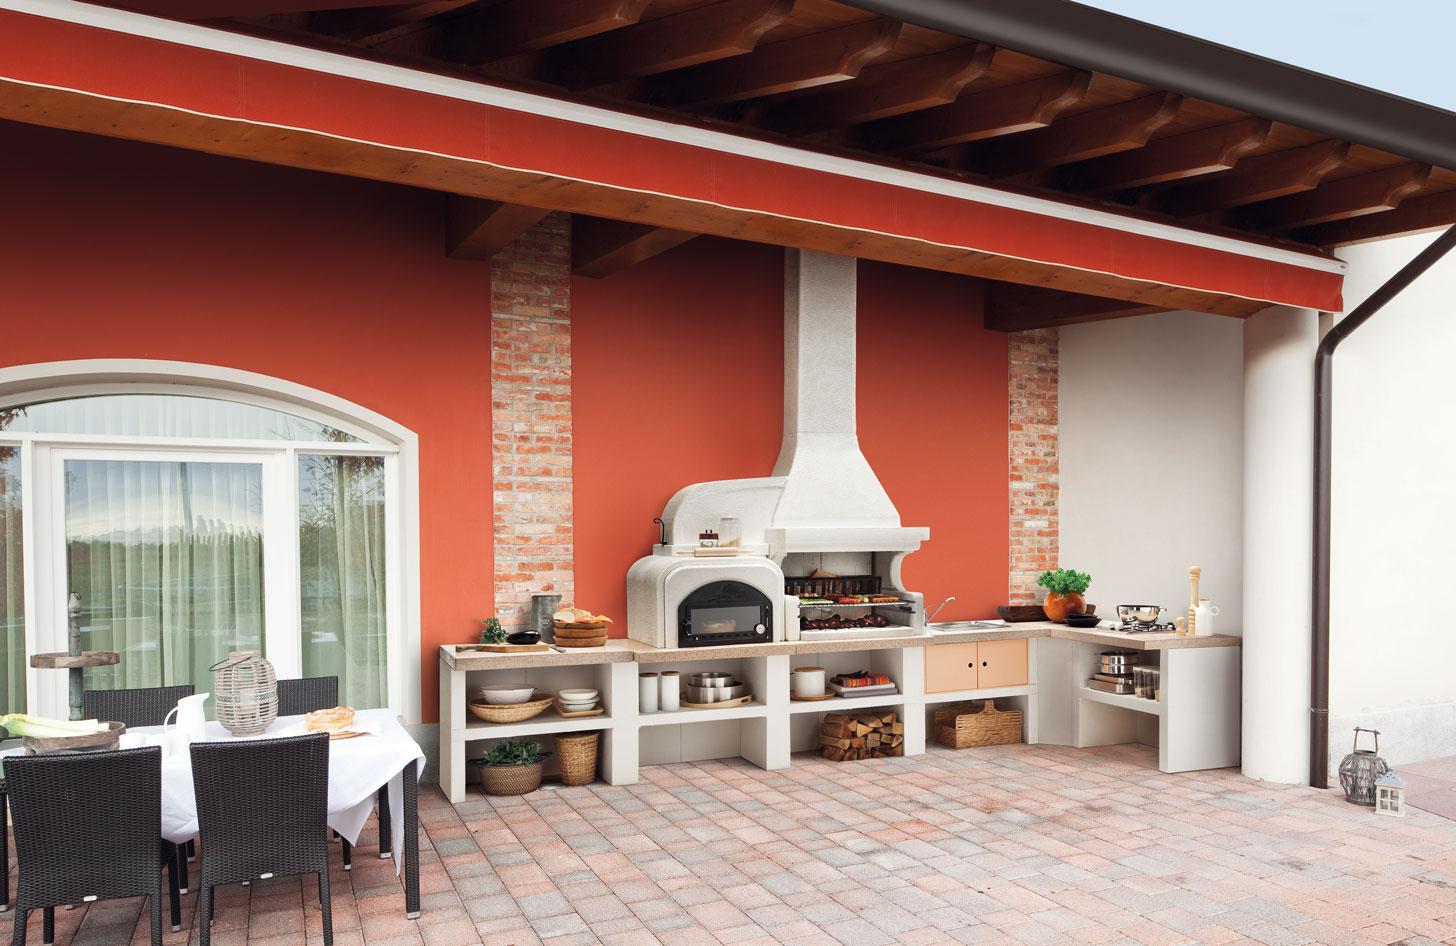 Cucine da esterno  Piani cottura barbecue e arredi per grigliare